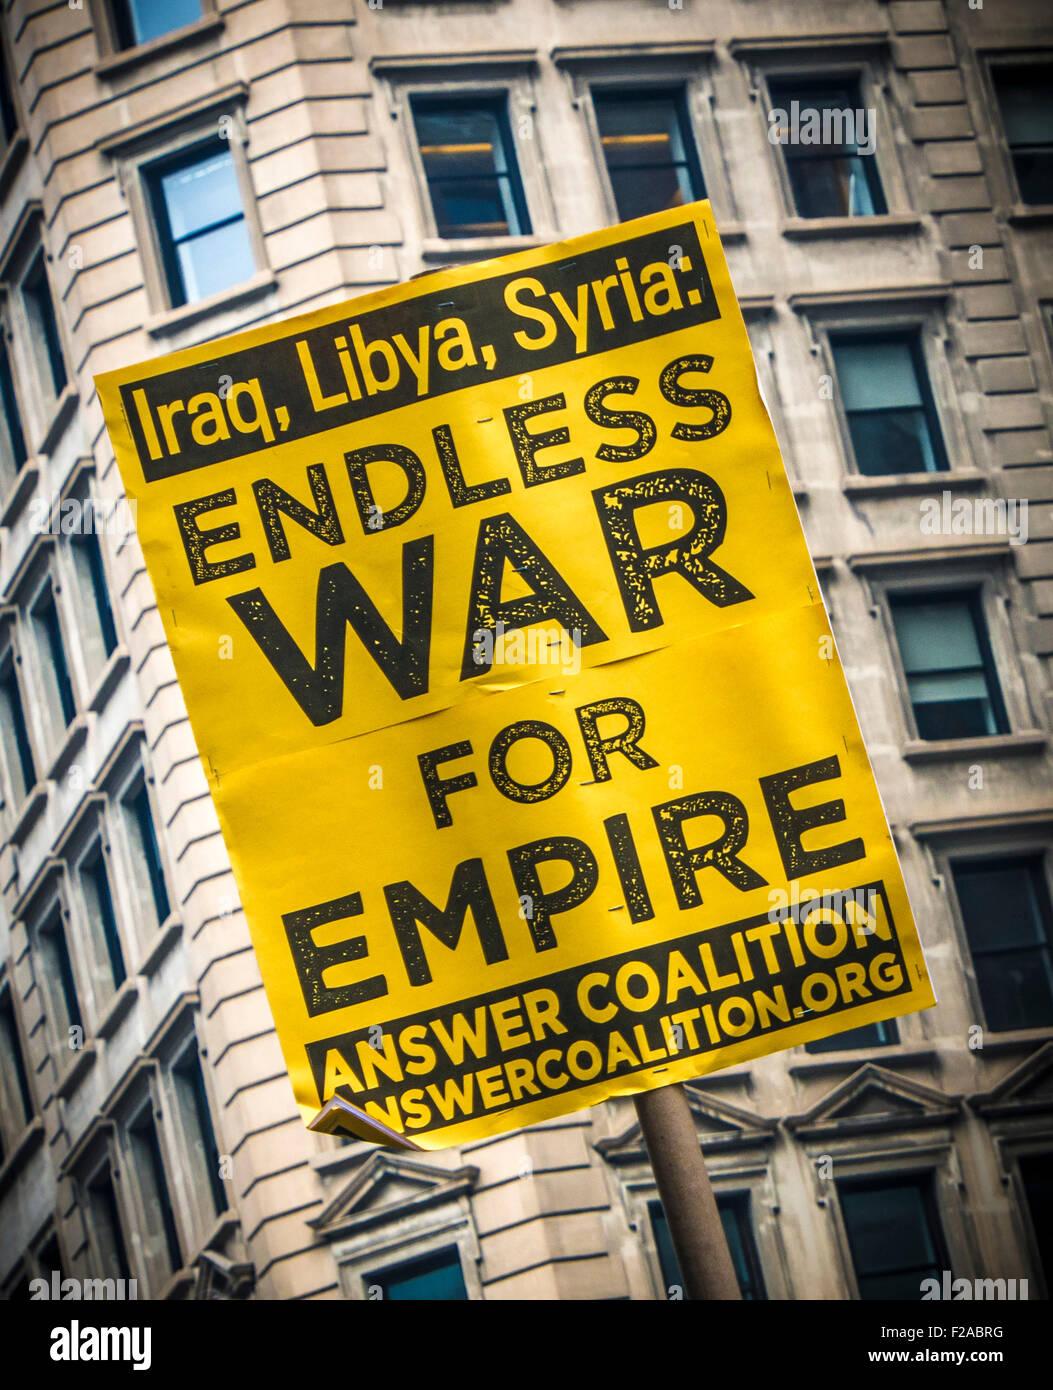 Striscione in segno di protesta contro la guerra in Iraq, Libia e Siria. Immagini Stock